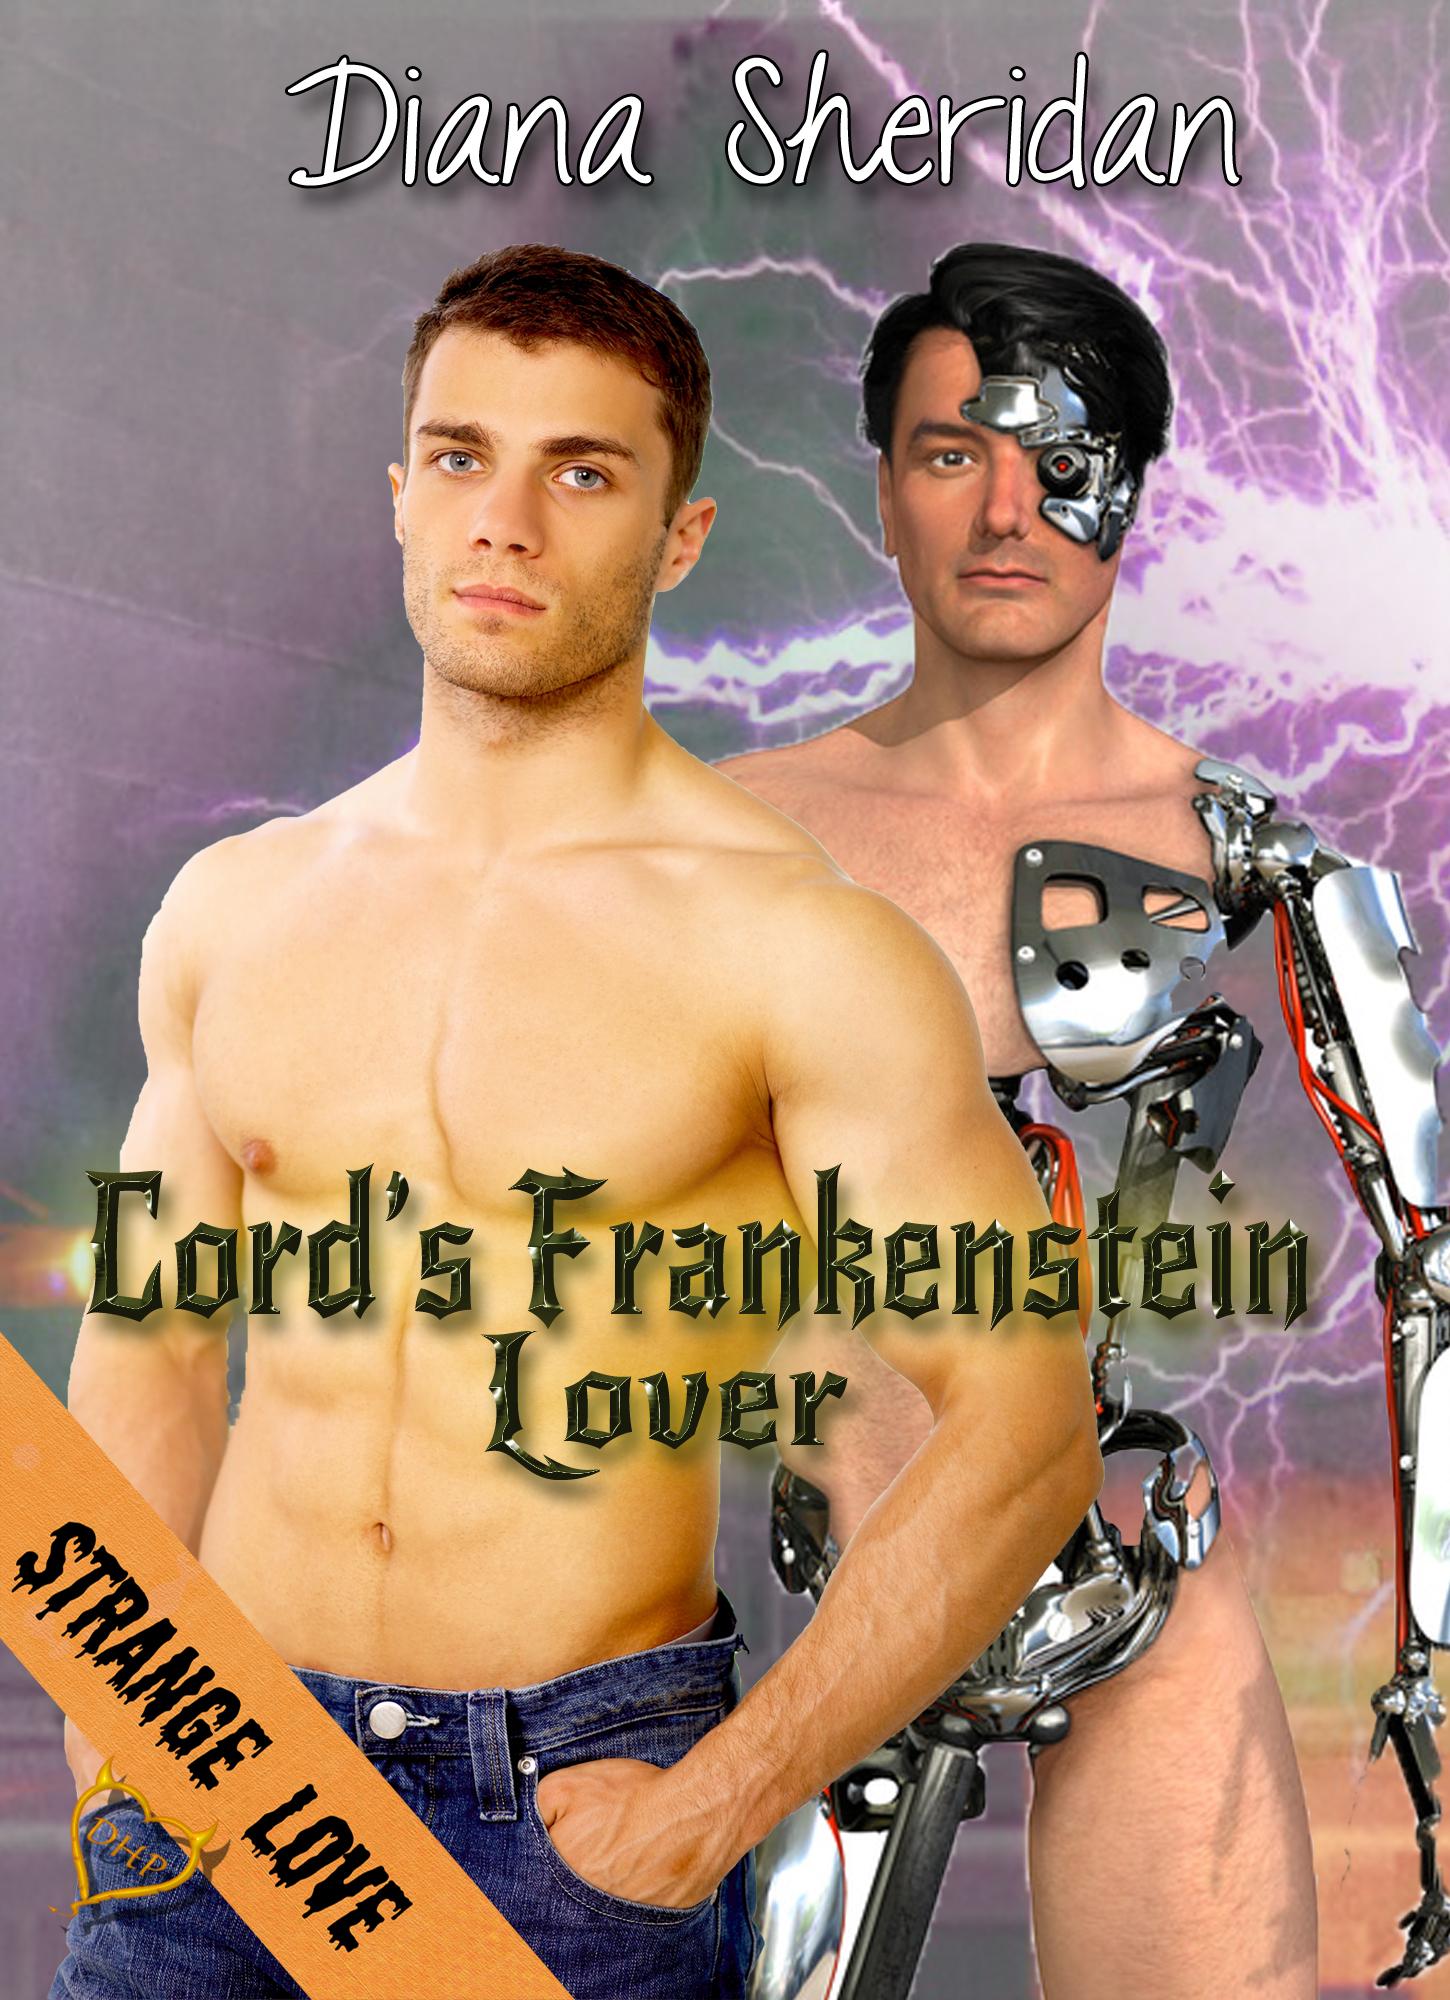 CordsFrankenstein - Sheridan